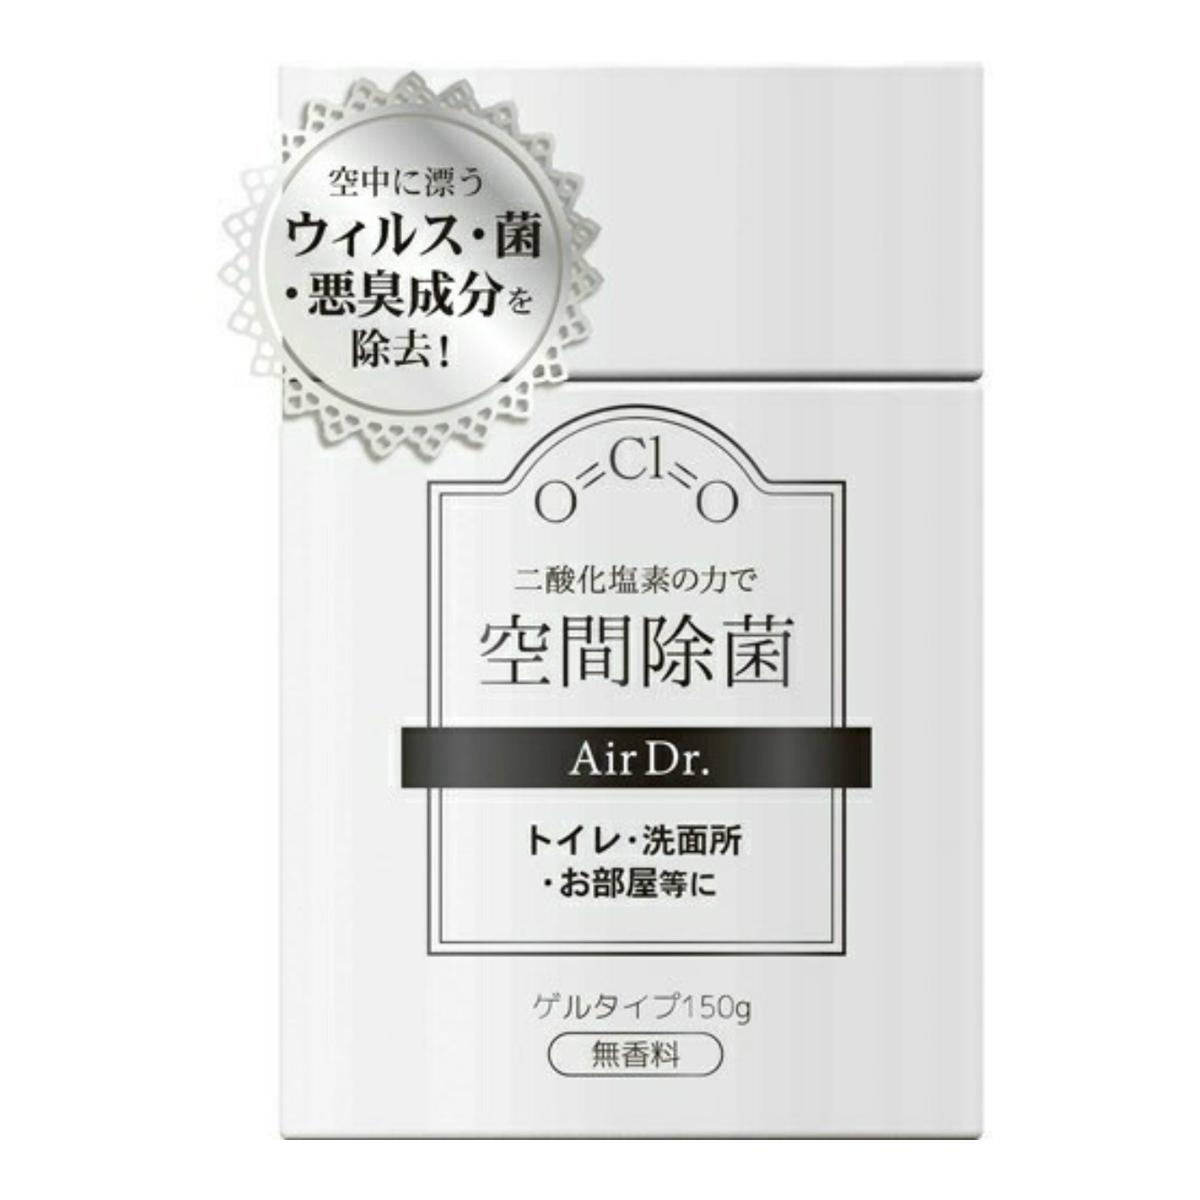 【送料無料・まとめ買い×48個セット】エアドクター空間除菌 お部屋用 ゲルタイプ 150g